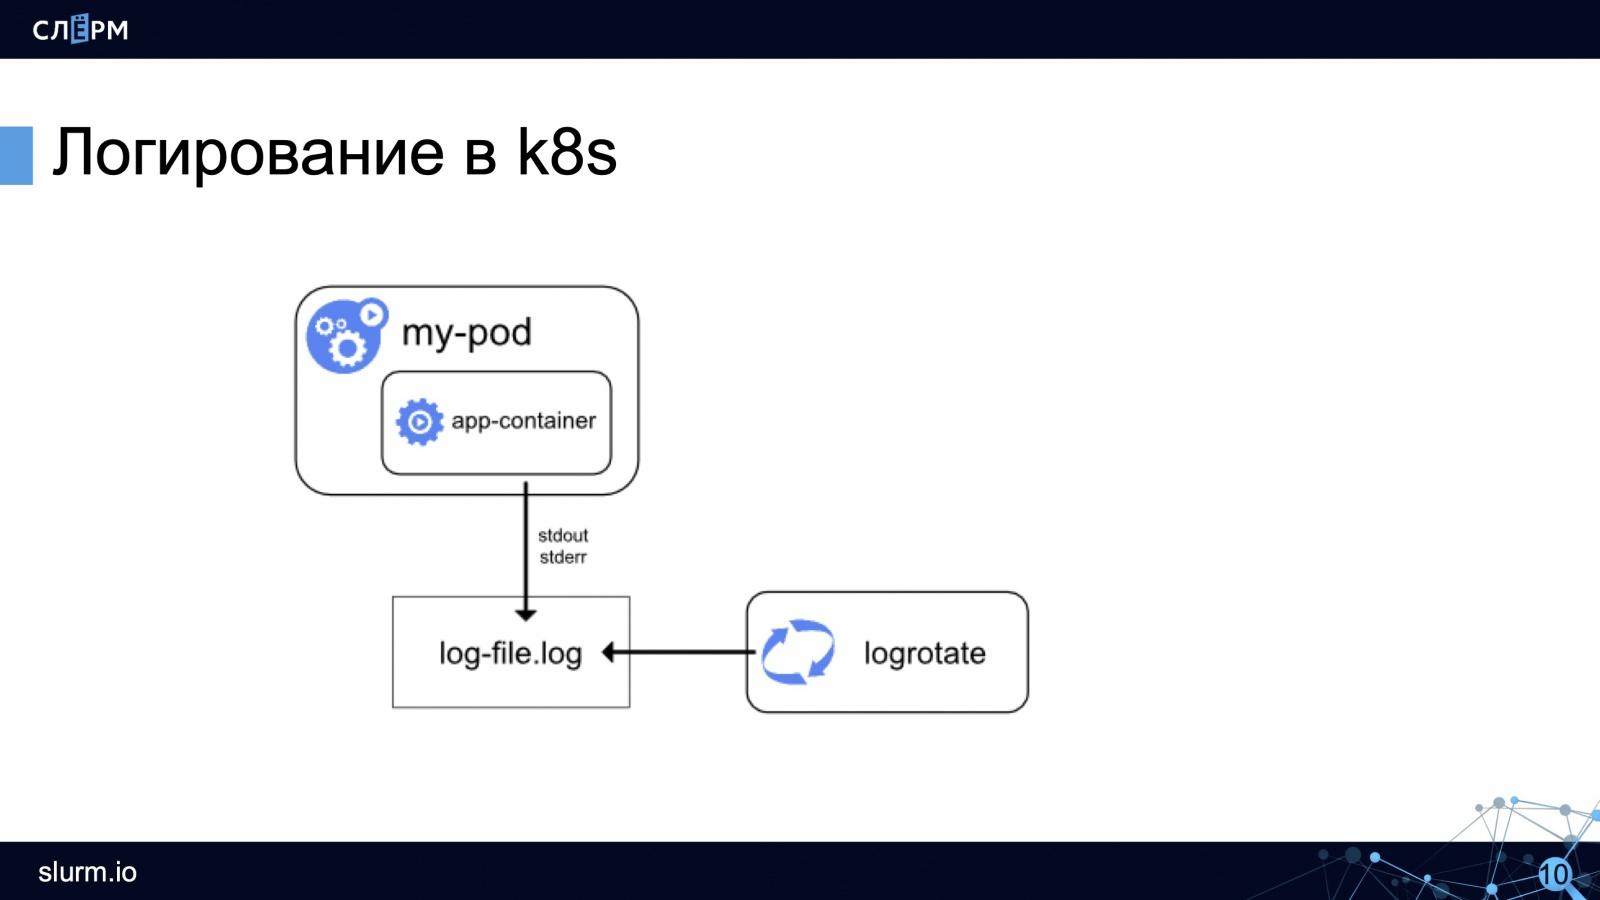 Логирование в Kubernetes: как собирать, хранить, парсить и обрабатывать логи - 5